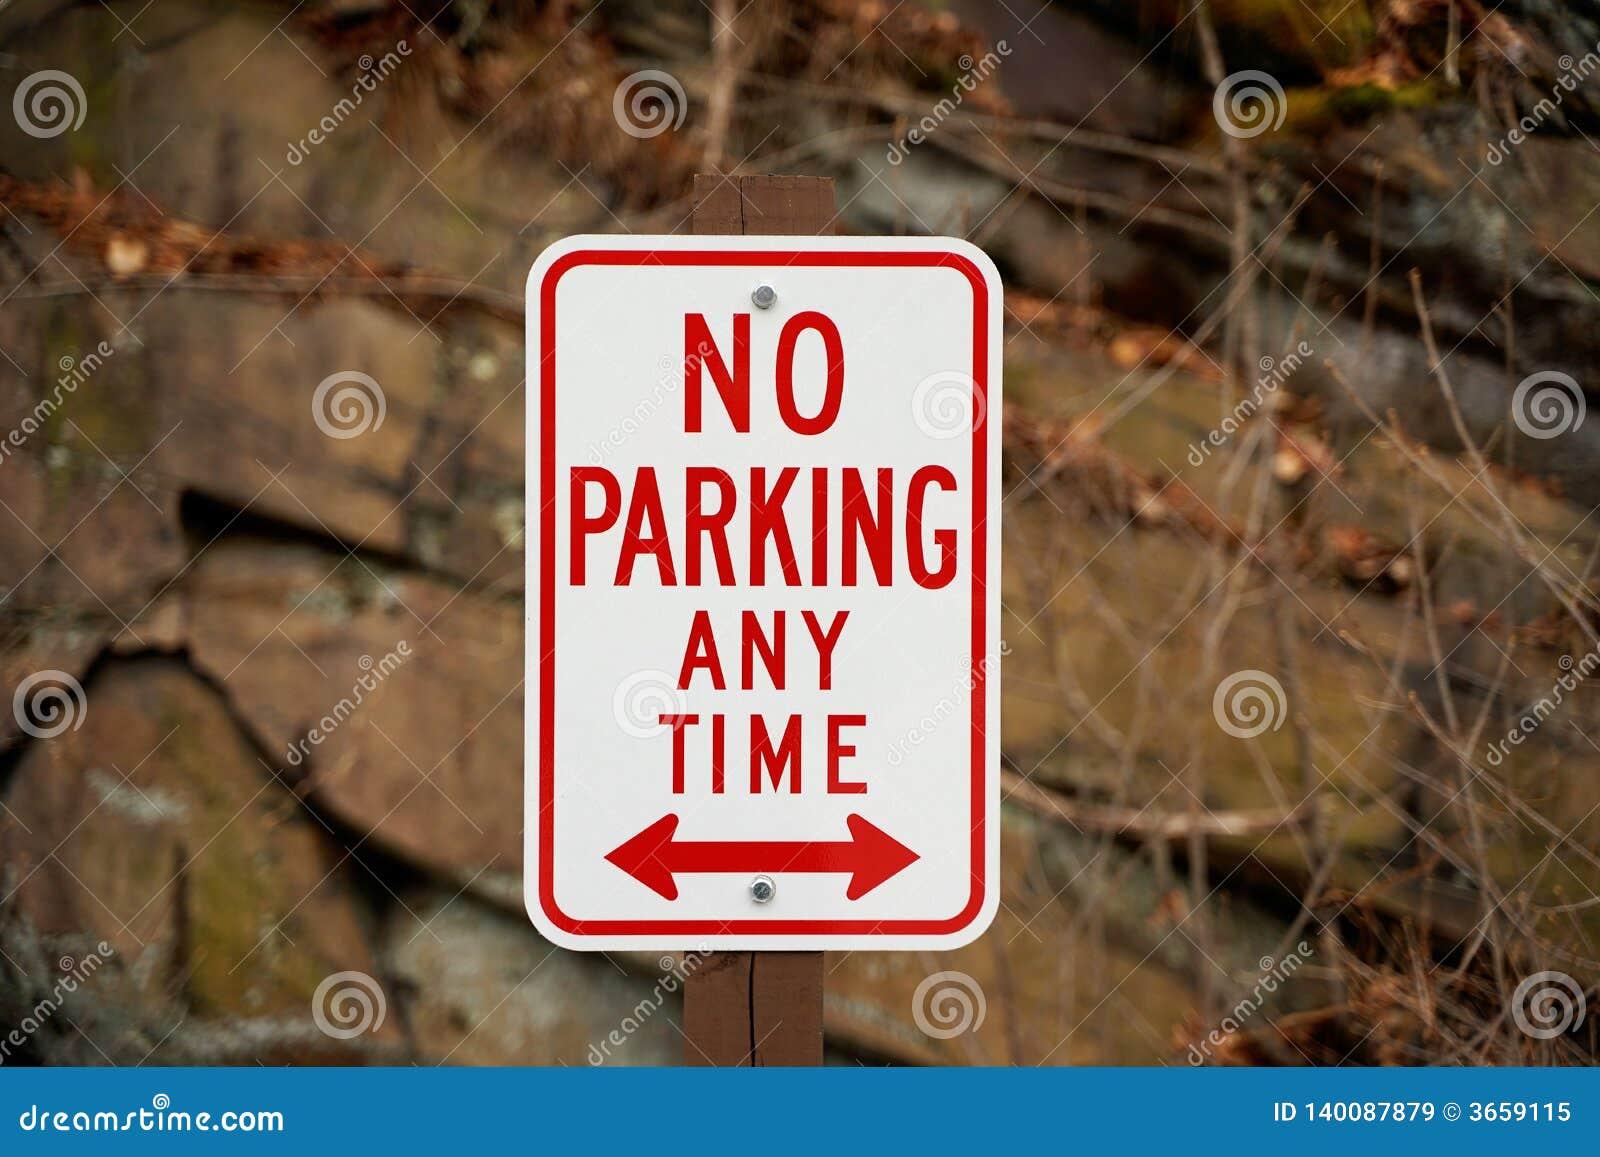 Μην υπογράψτε κανέναν χώρο στάθμευσης οποτεδήποτε